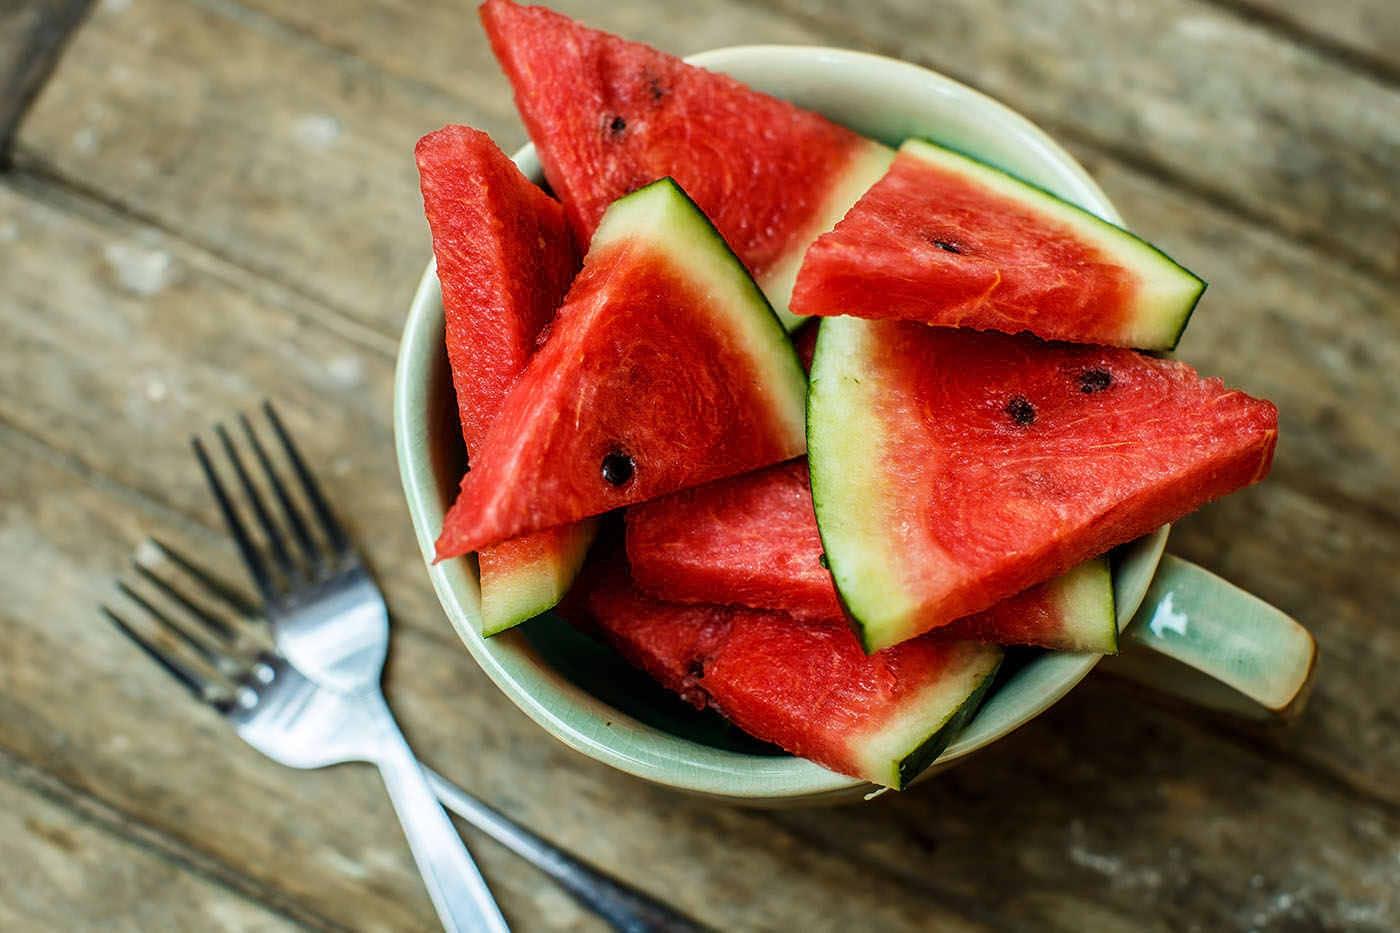 Beneficii pepene roșu: de ce să consumi mai mult?